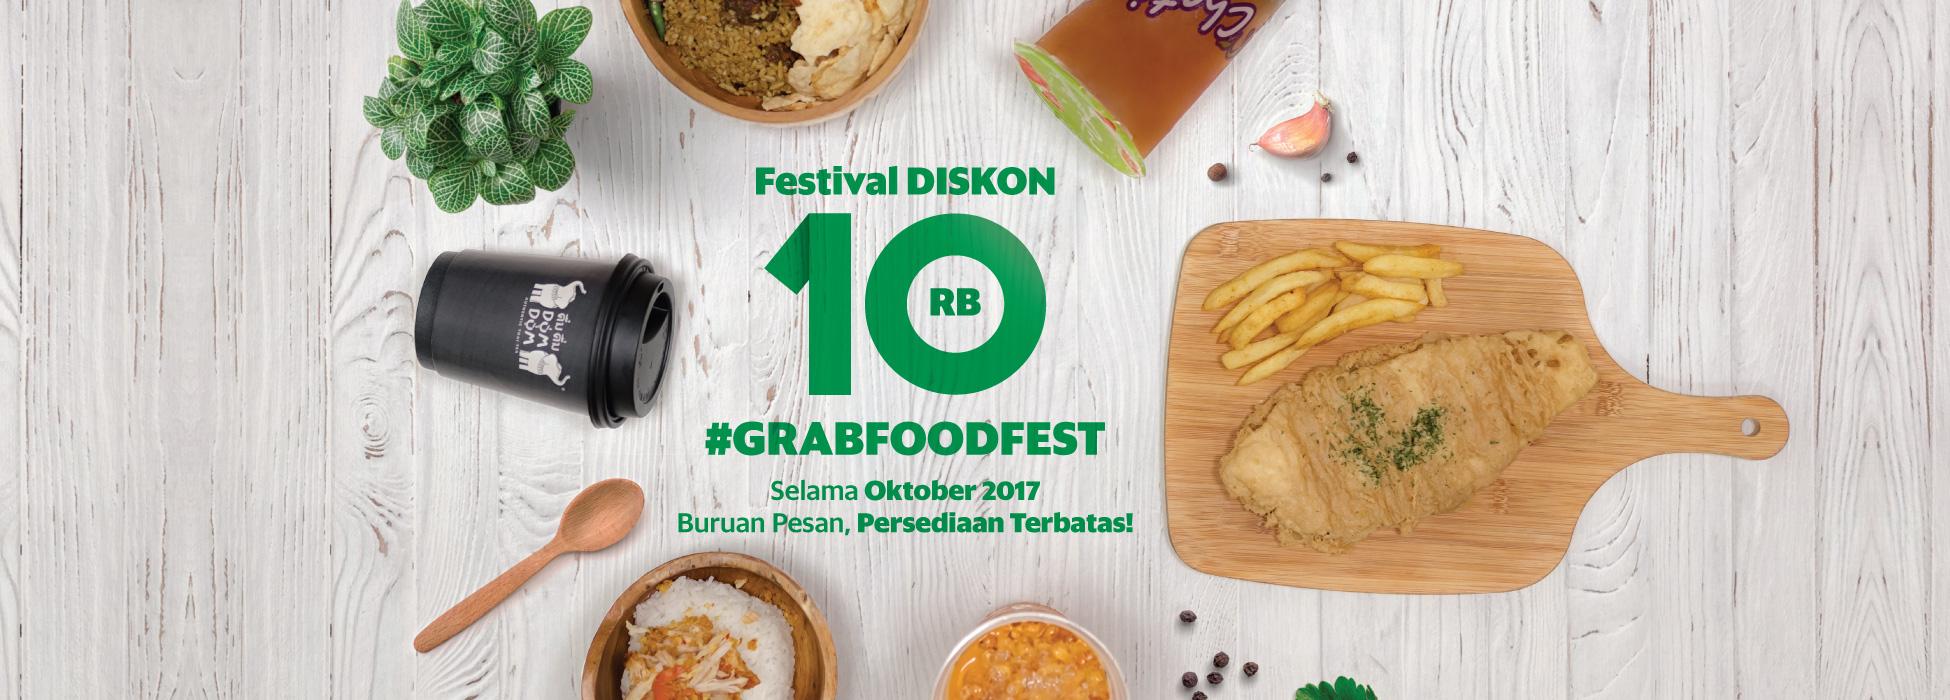 Grabfoodfest Festival Diskon 10ribu Grab Id